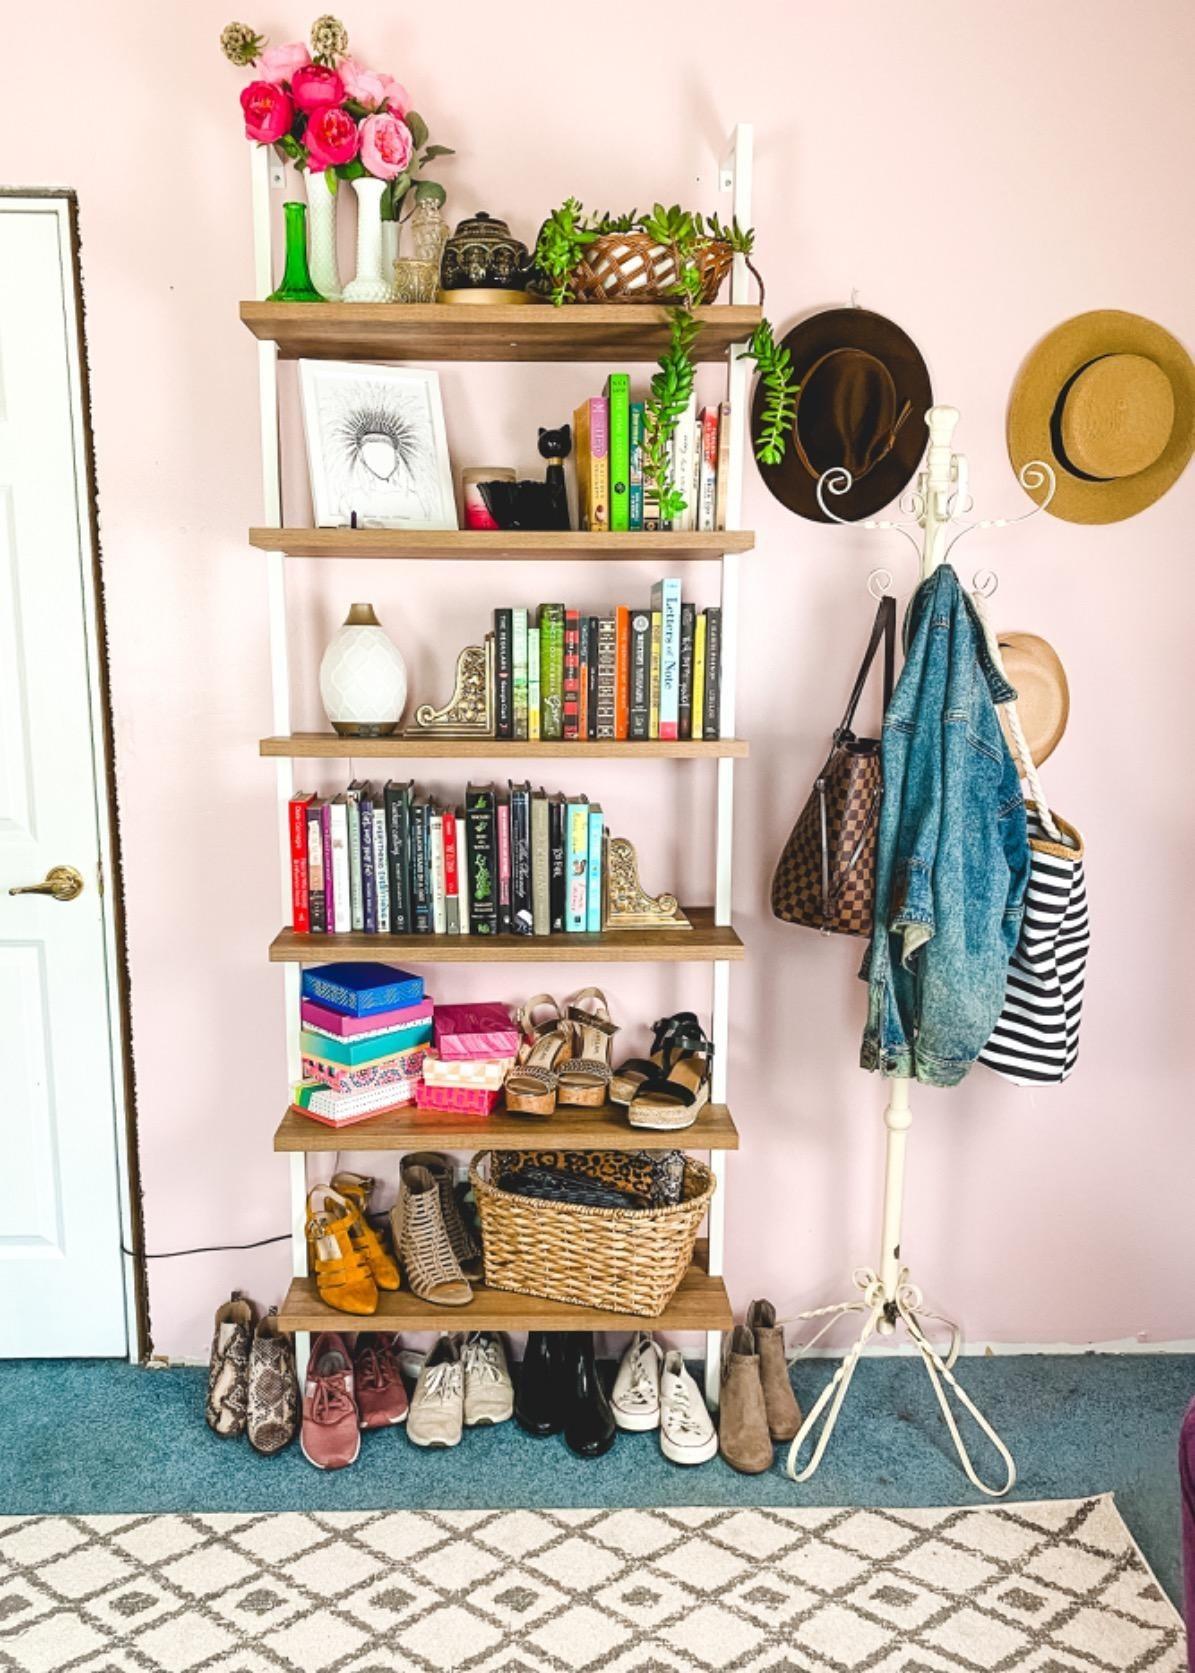 11 món đồ lưu trữ hoàn hảo cho căn hộ nhỏ hẹp, chắc chắn bạn sẽ hối hận khi không mua chúng sớm hơn - Ảnh 11.